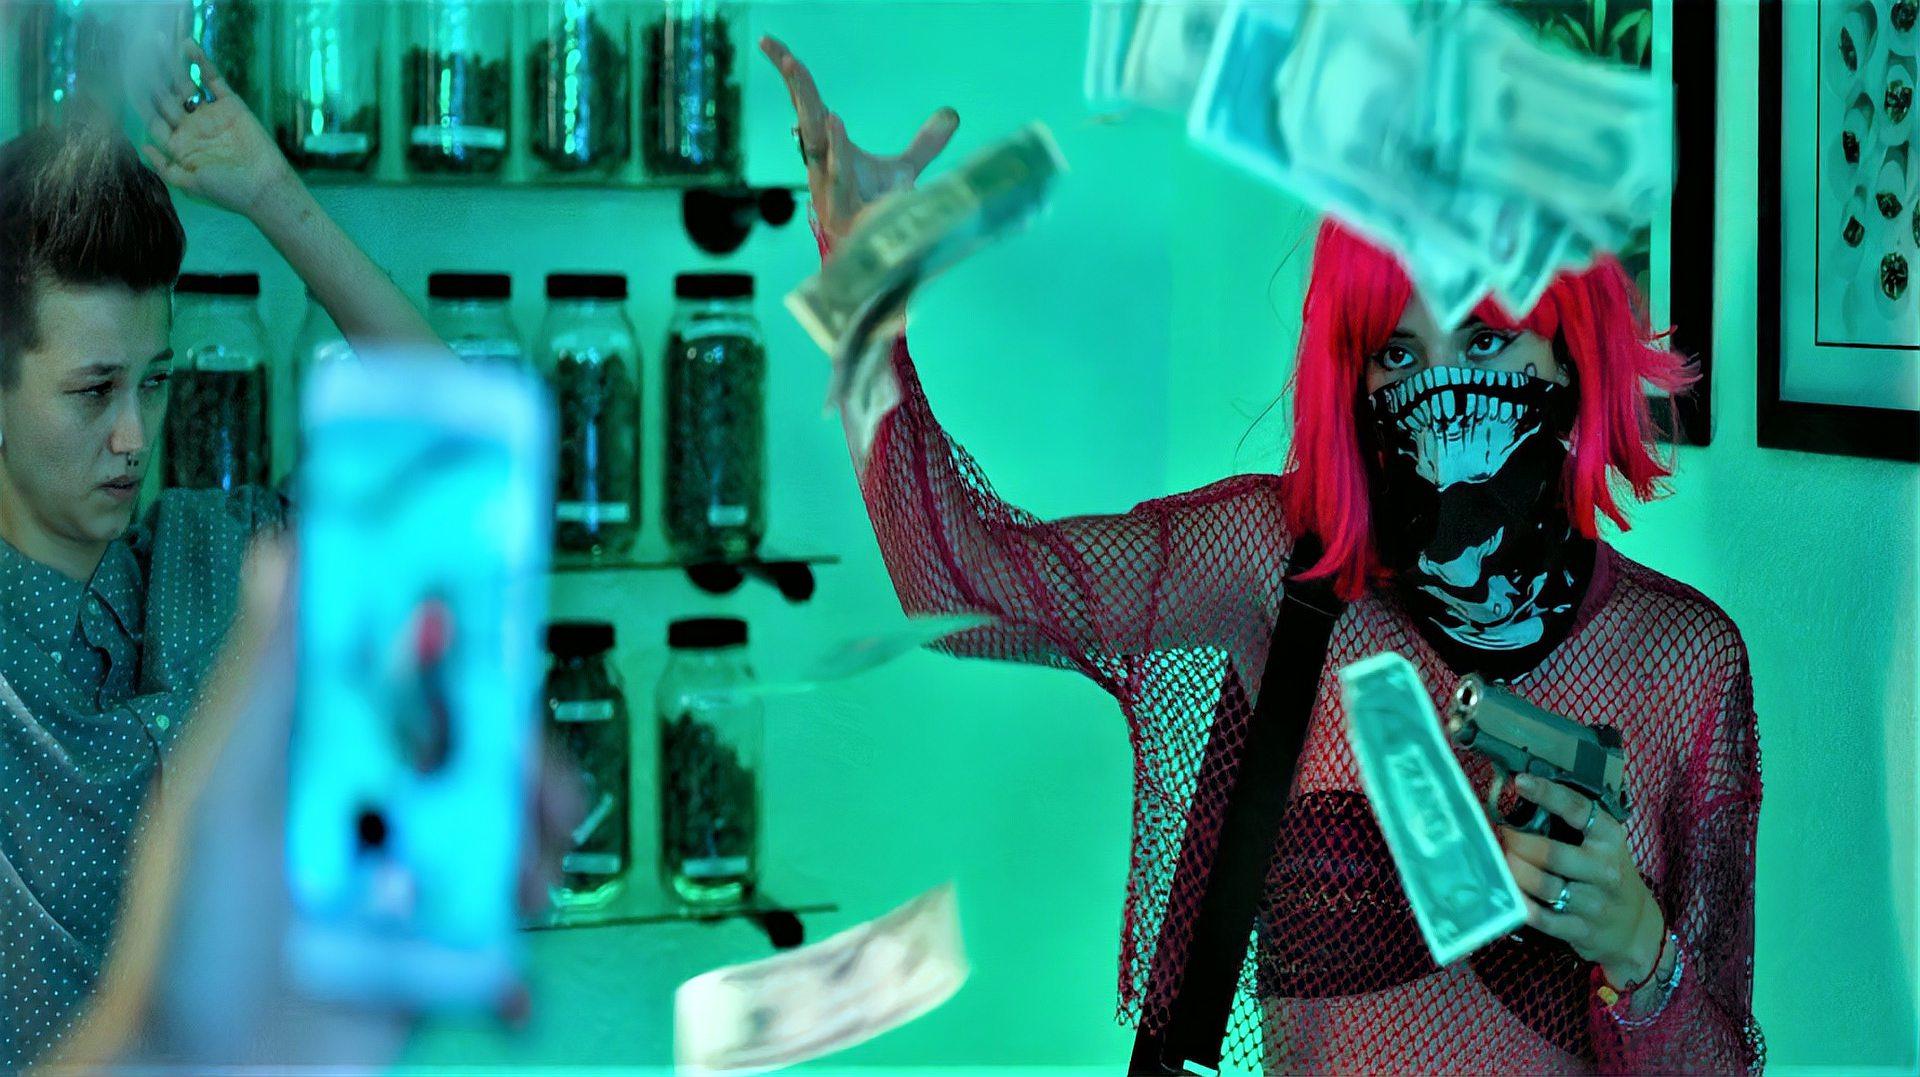 女孩为了出名费尽心思,和男朋友直播抢劫,竟成了百万粉丝的网红